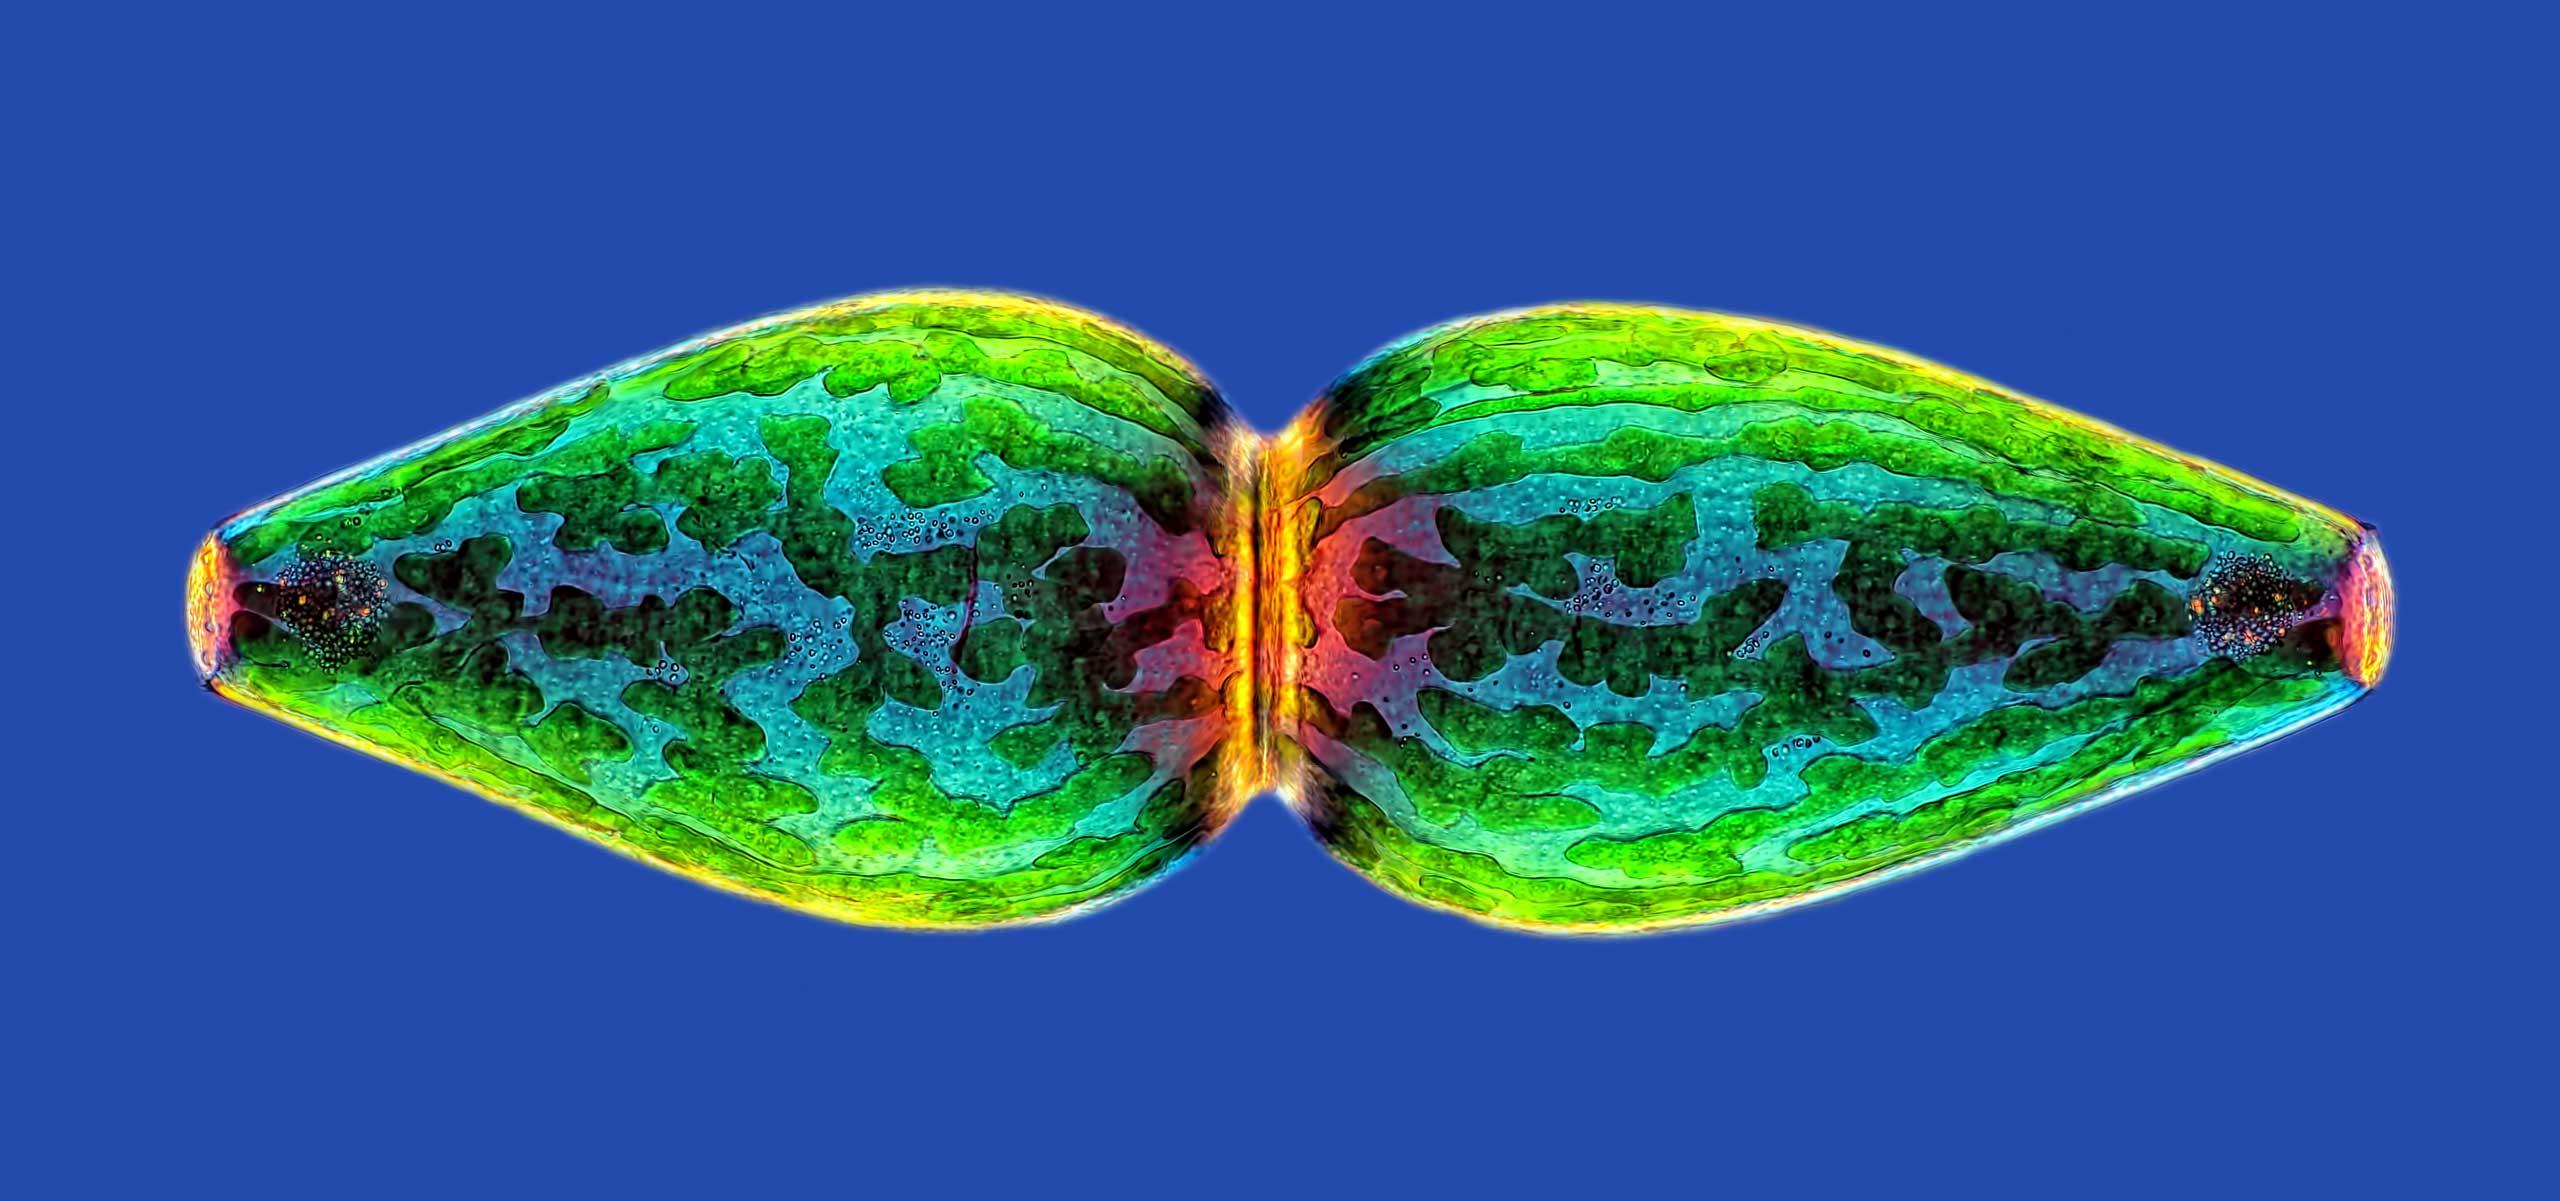 Pleurotaenium ovatum (micro algae) at 40x magnification.